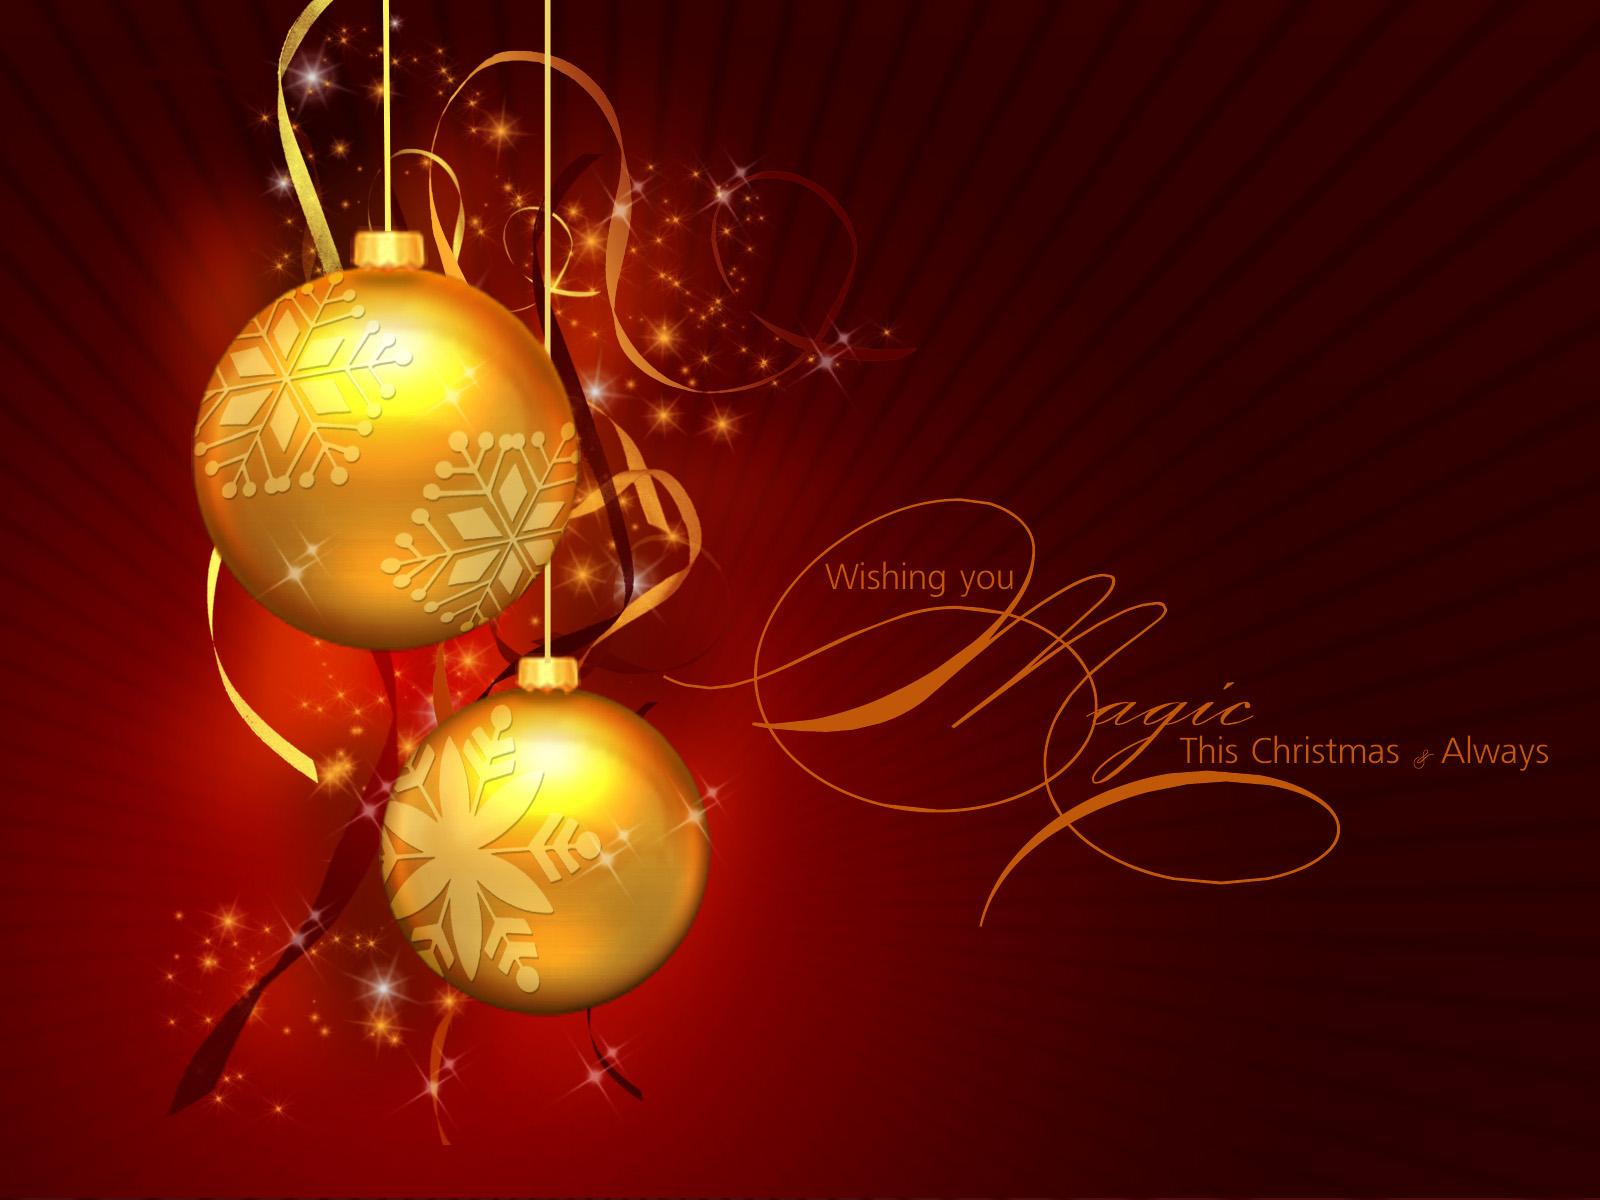 Christmas Backgrounds Christmas Bulbs Wallpaper Christmas 1600x1200